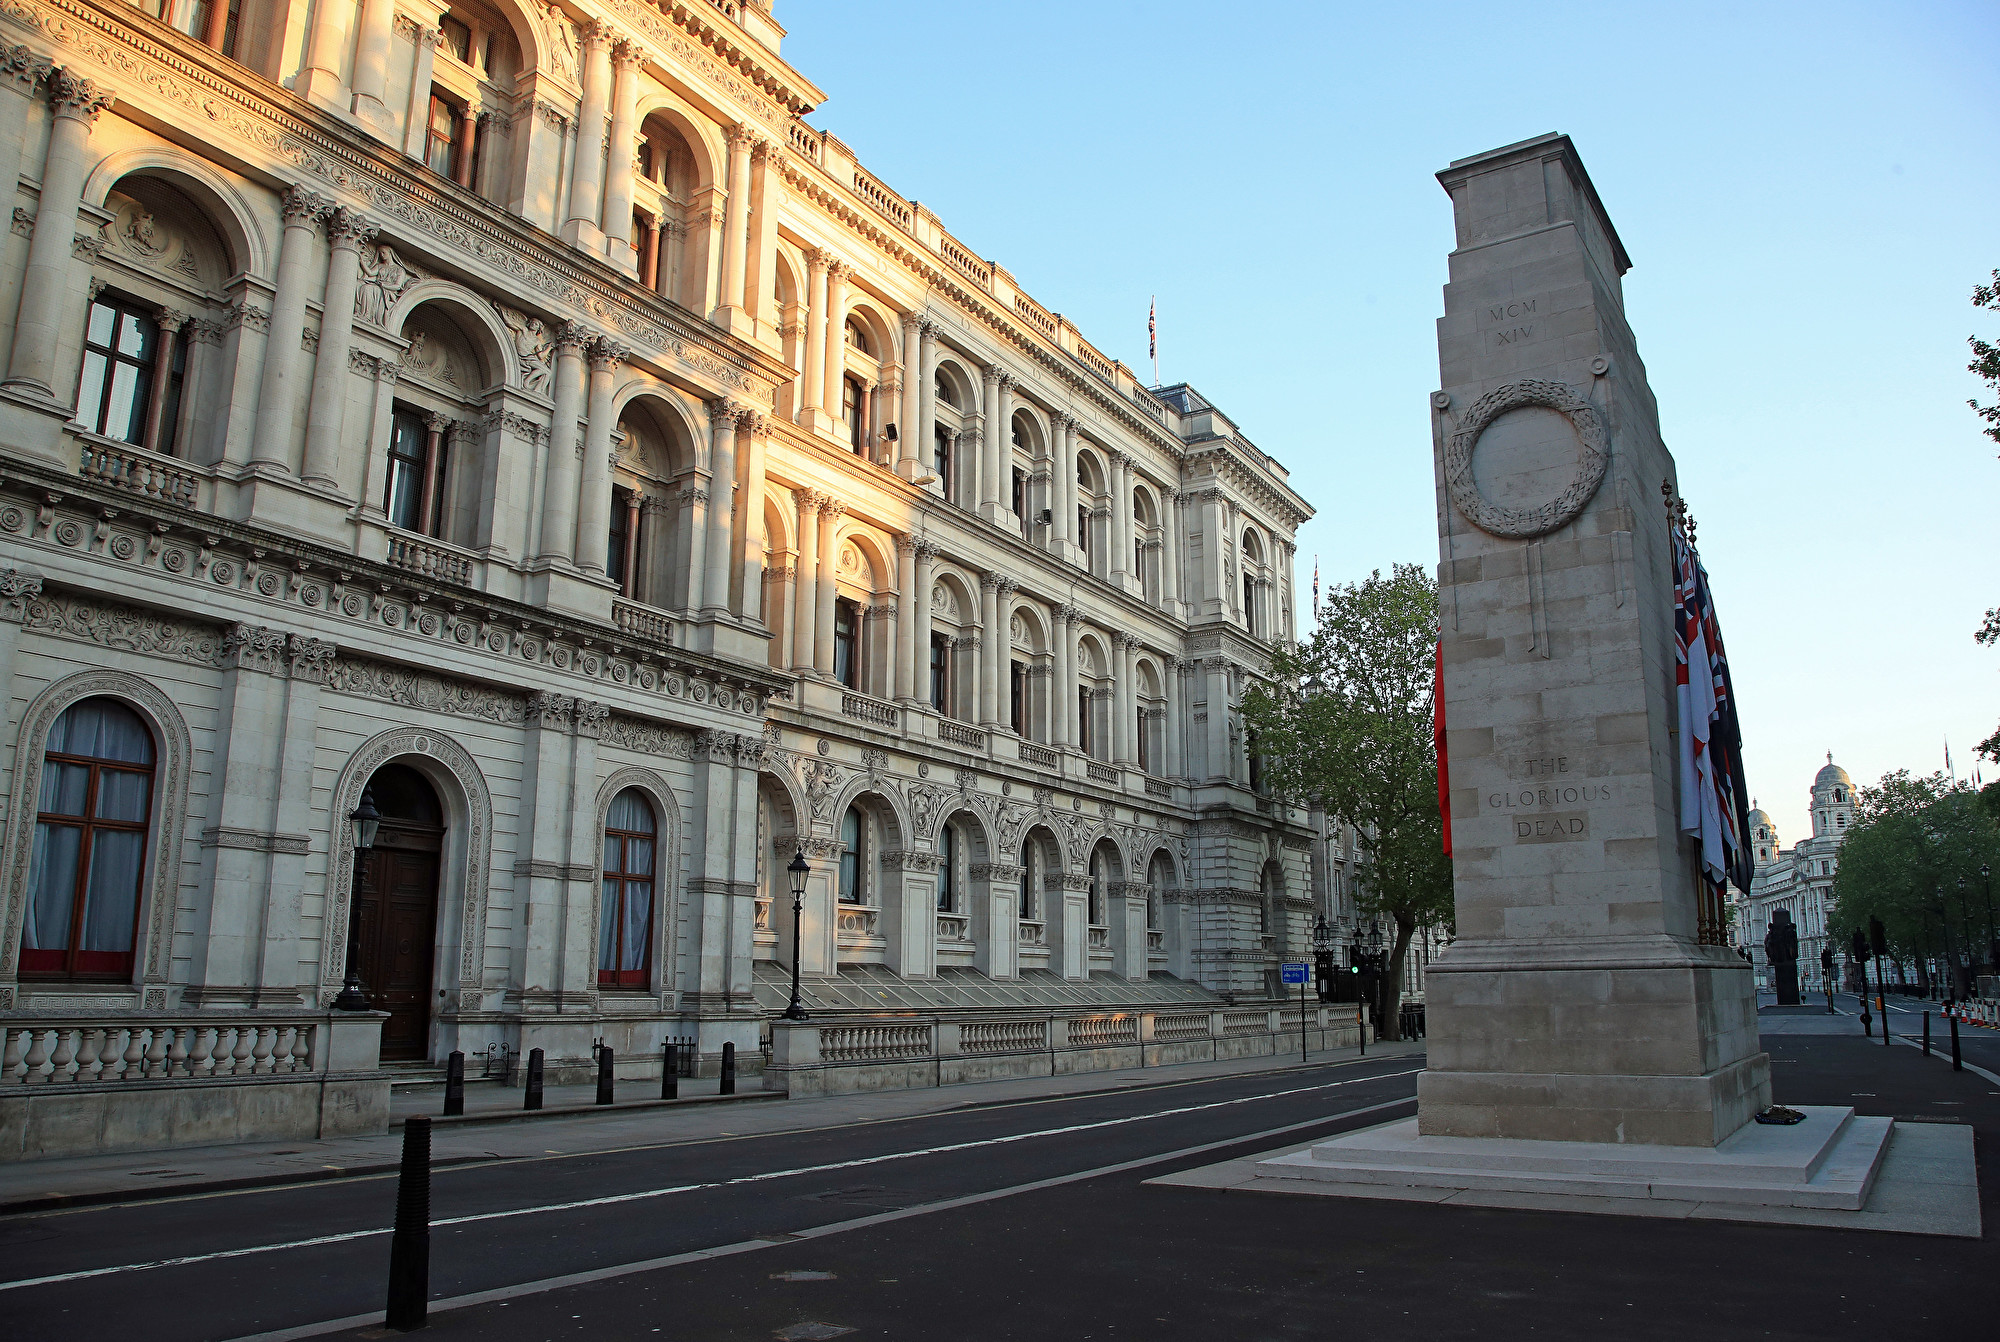 據天空新聞(Sky News)報道,一位白廳消息人士透露,英國將重新制定對華戰略。圖為英國白廳。(Andrew Redington/Getty Images)